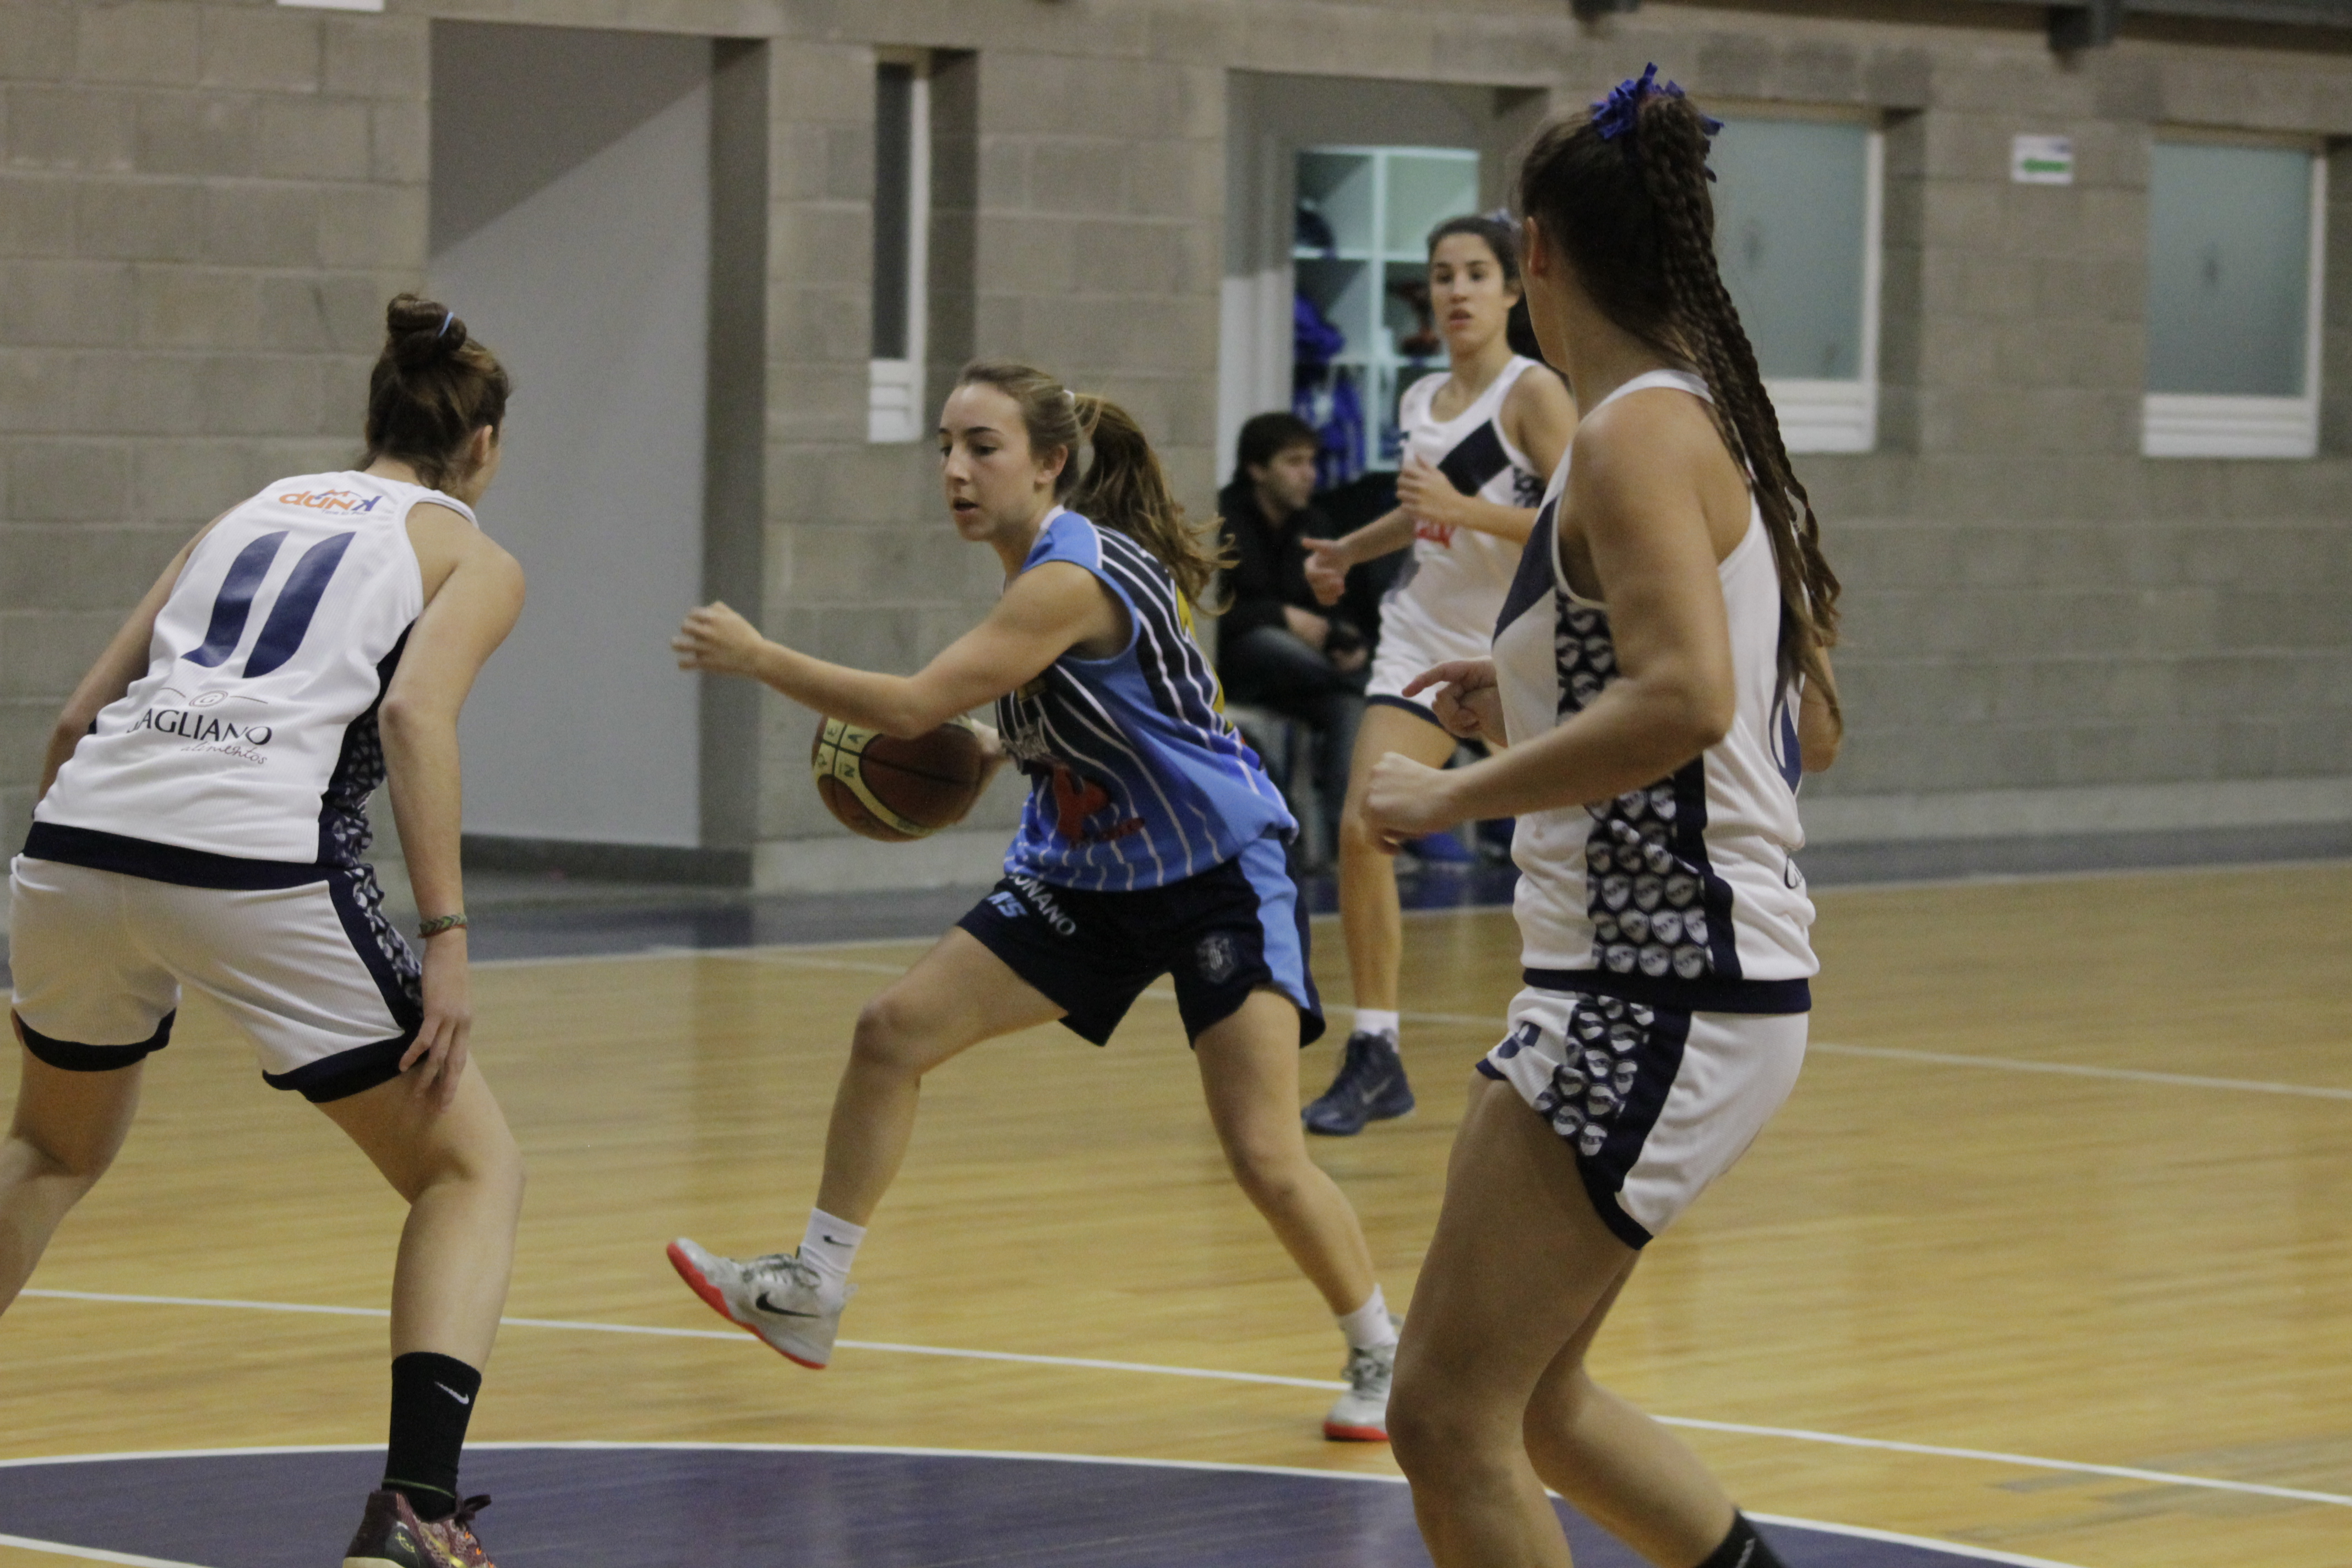 Micaela Barriga Naón en pleno juego. (Foto: Prensa Peñarol)